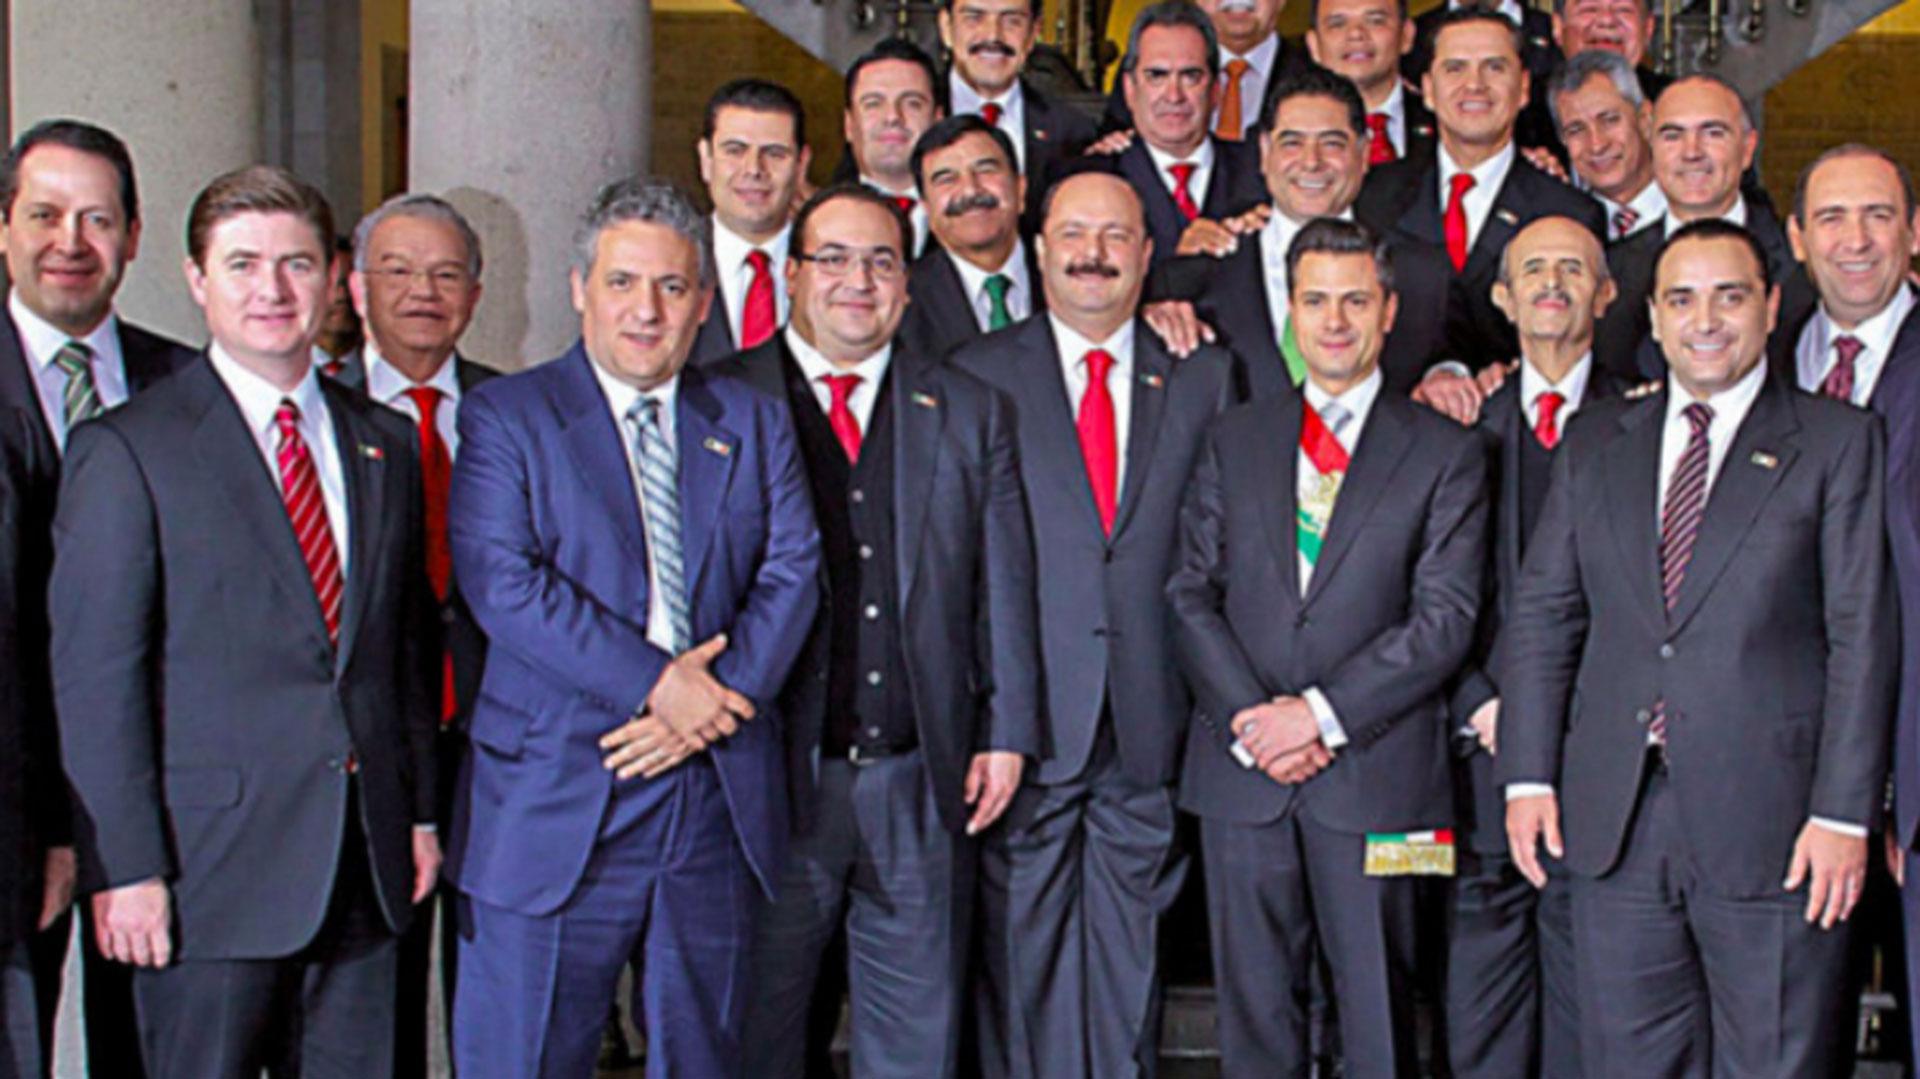 La foto de hace cinco años en la que aparecen los gobernadores ahora acusados.